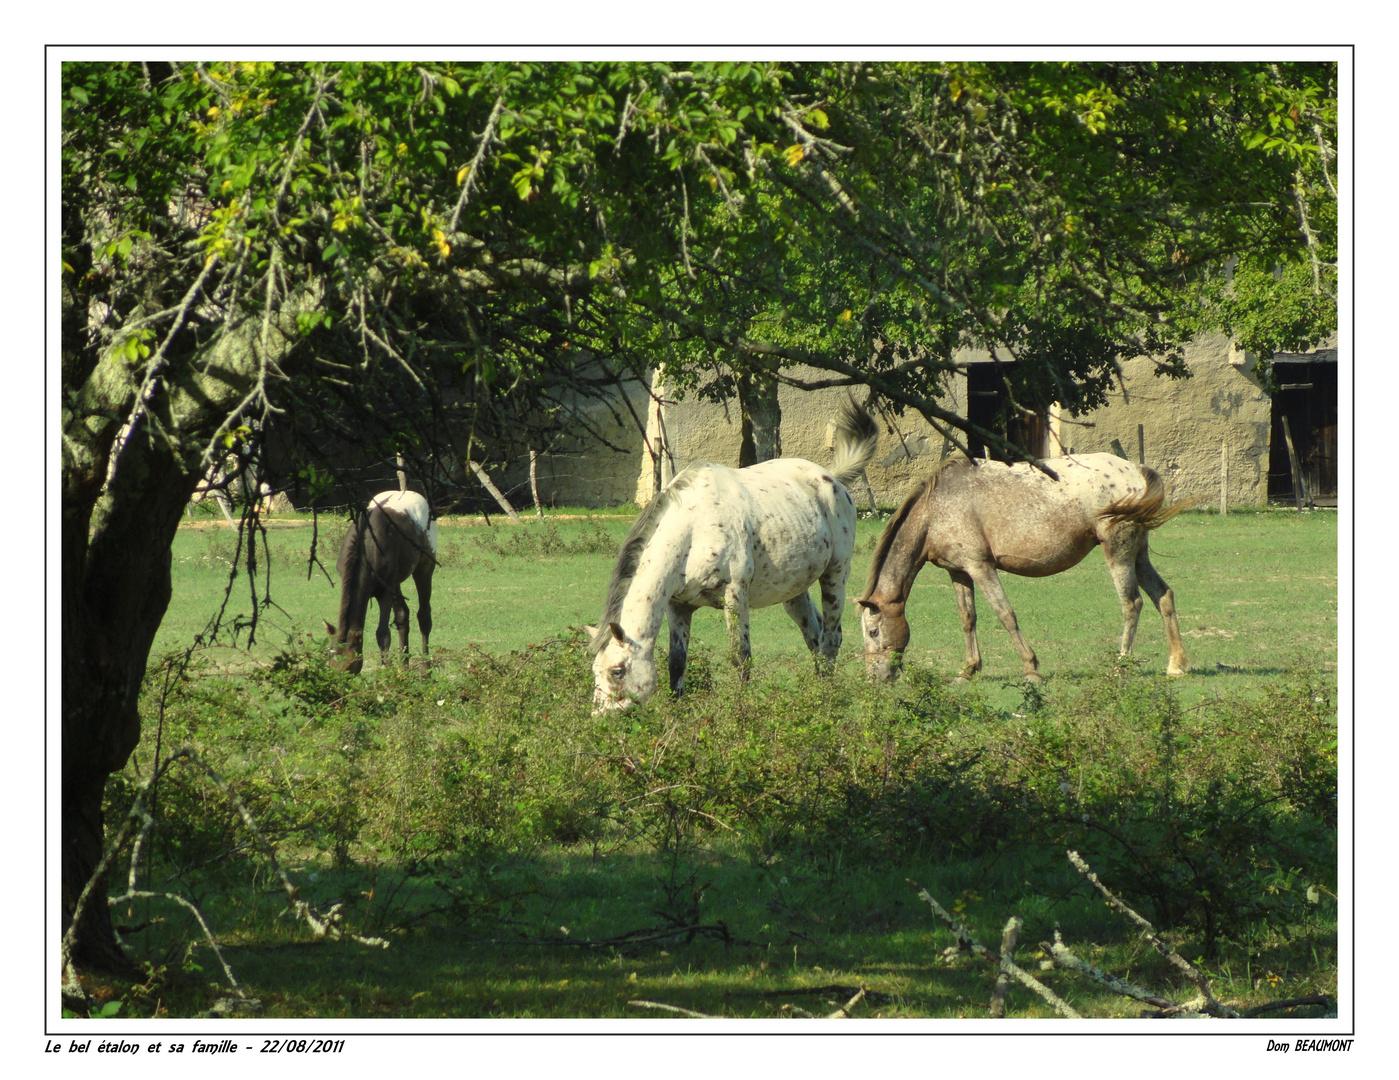 Le bel étalon et sa famille - 22/08/2011